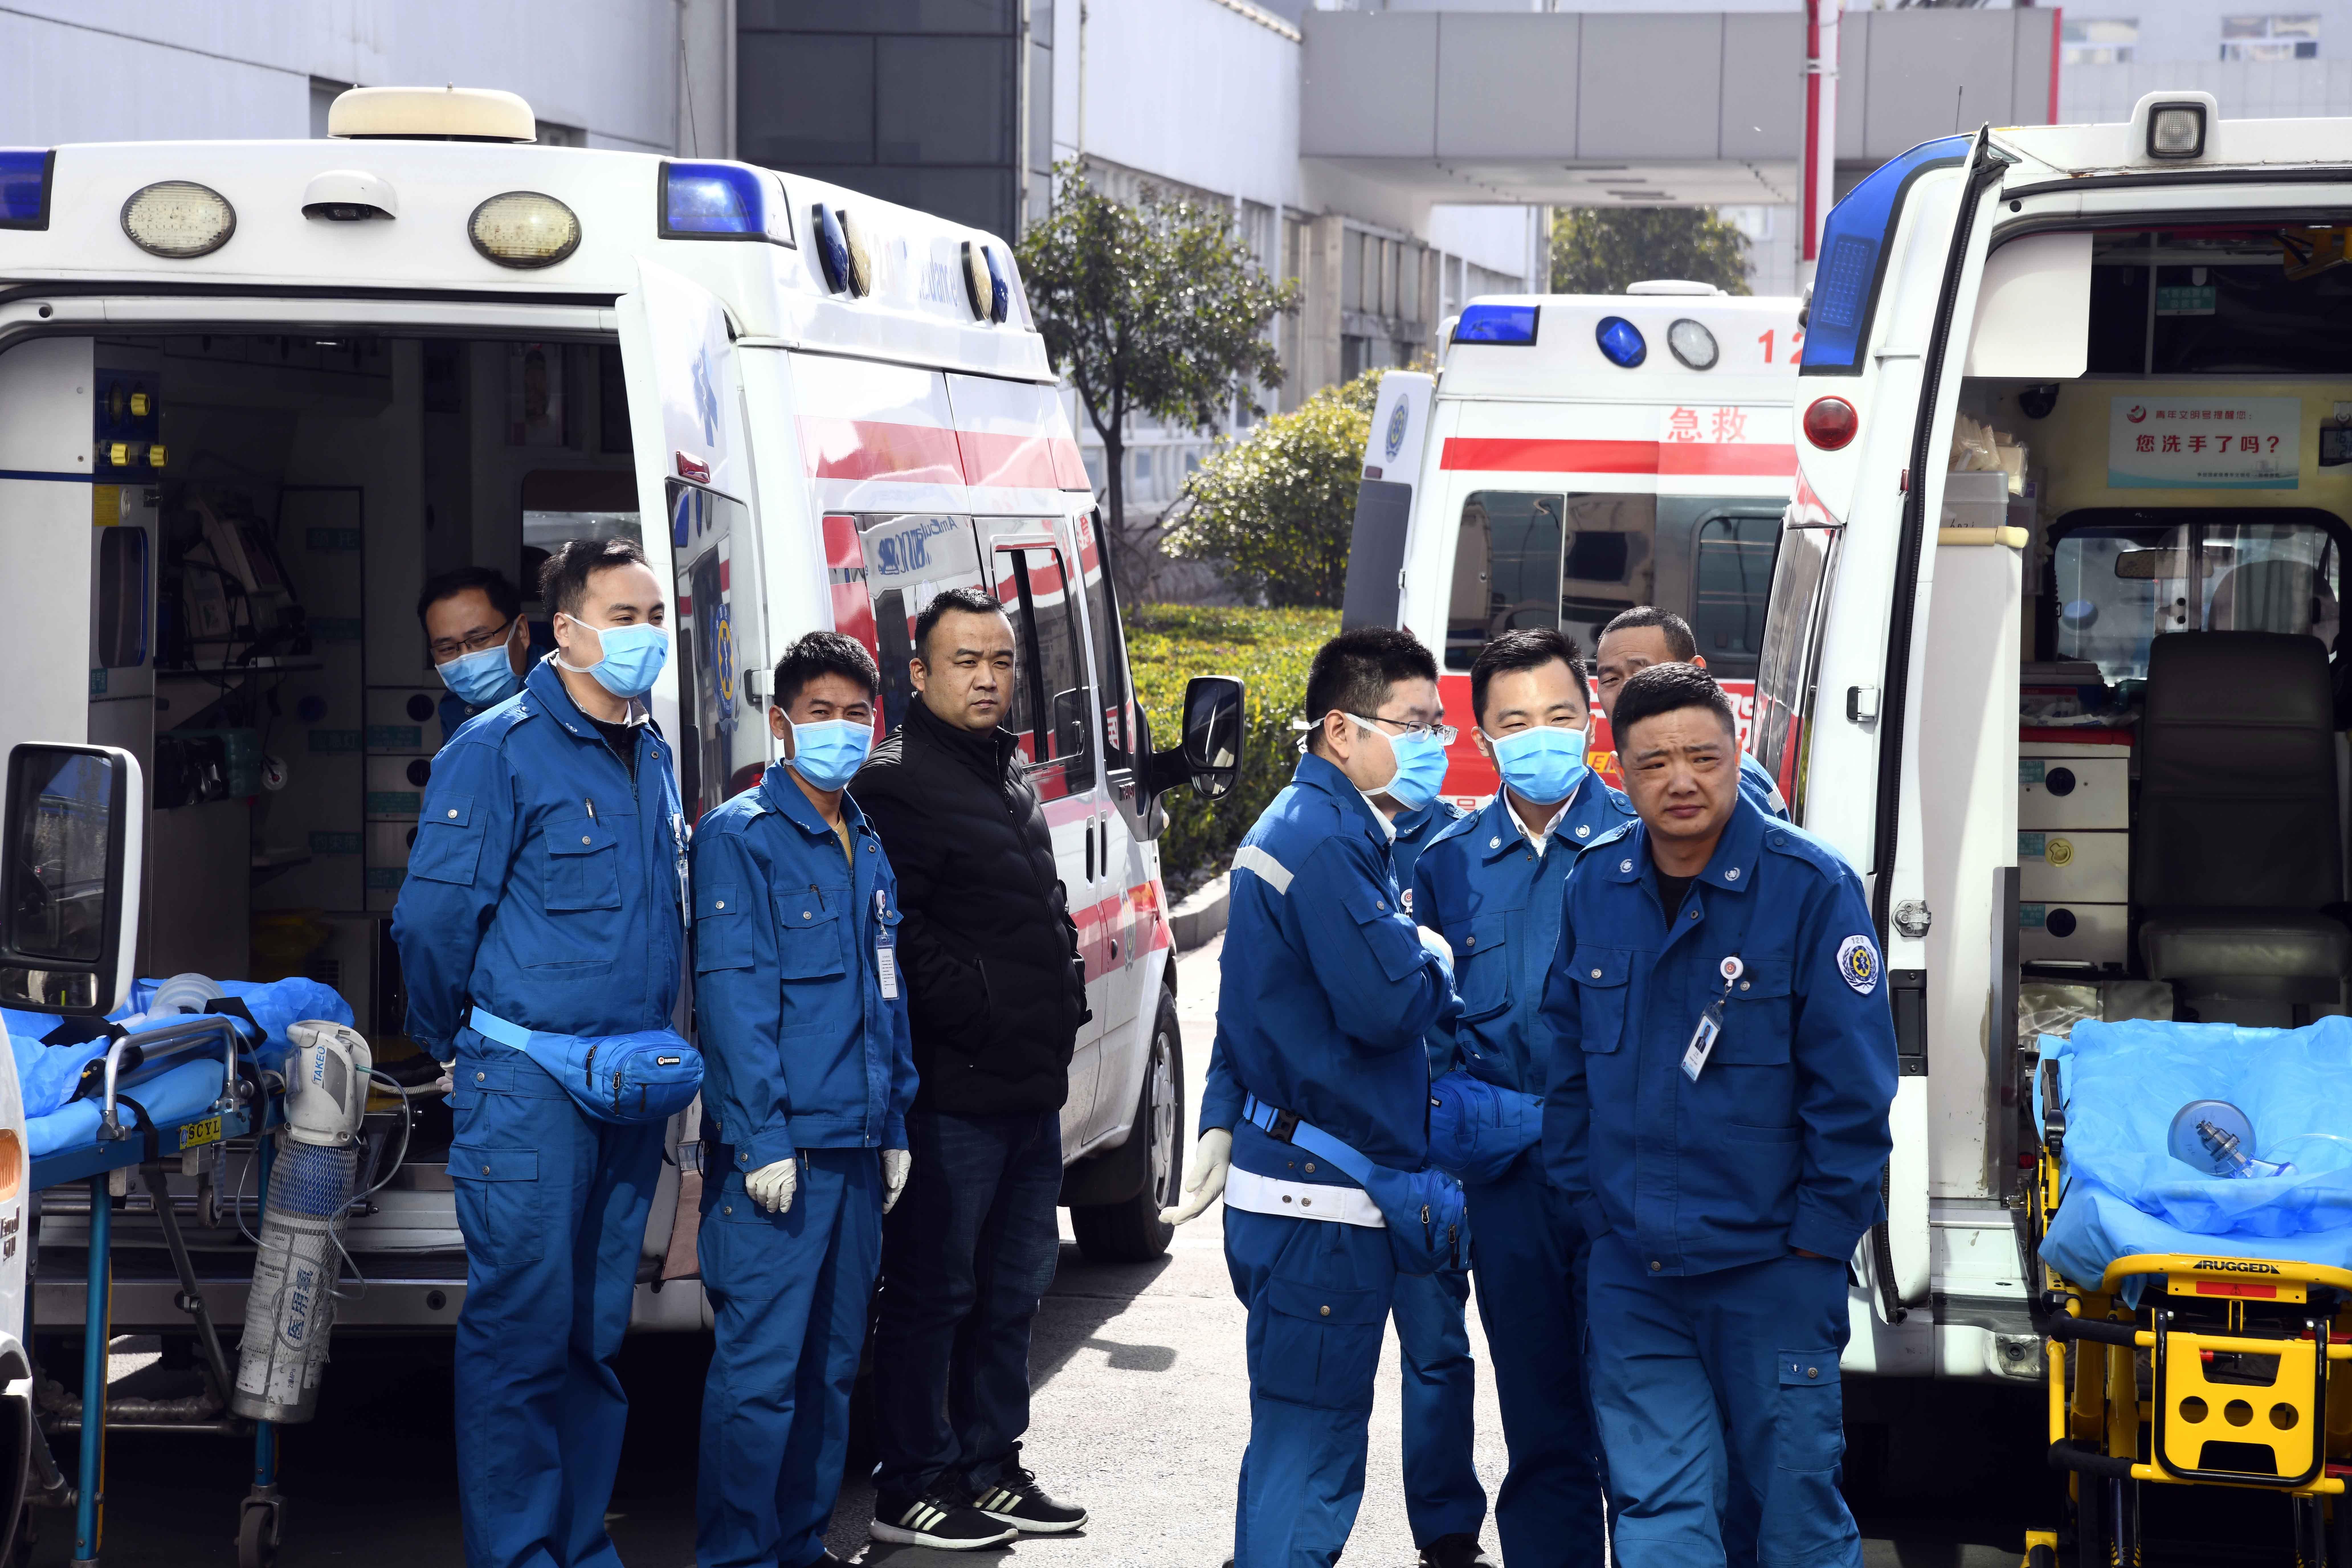 炭鉱で事故 11人閉じ込め 中国・山東省